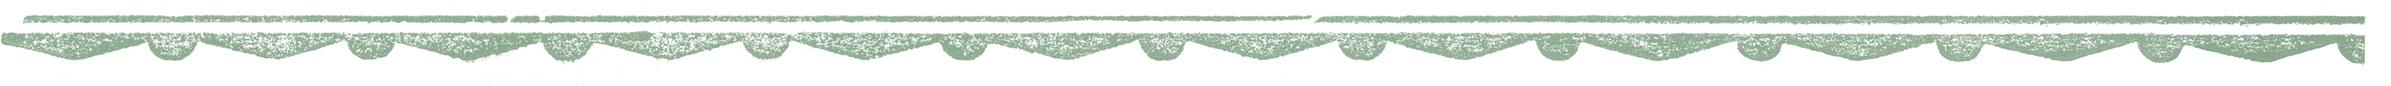 Horizontal_divider 02_green.png